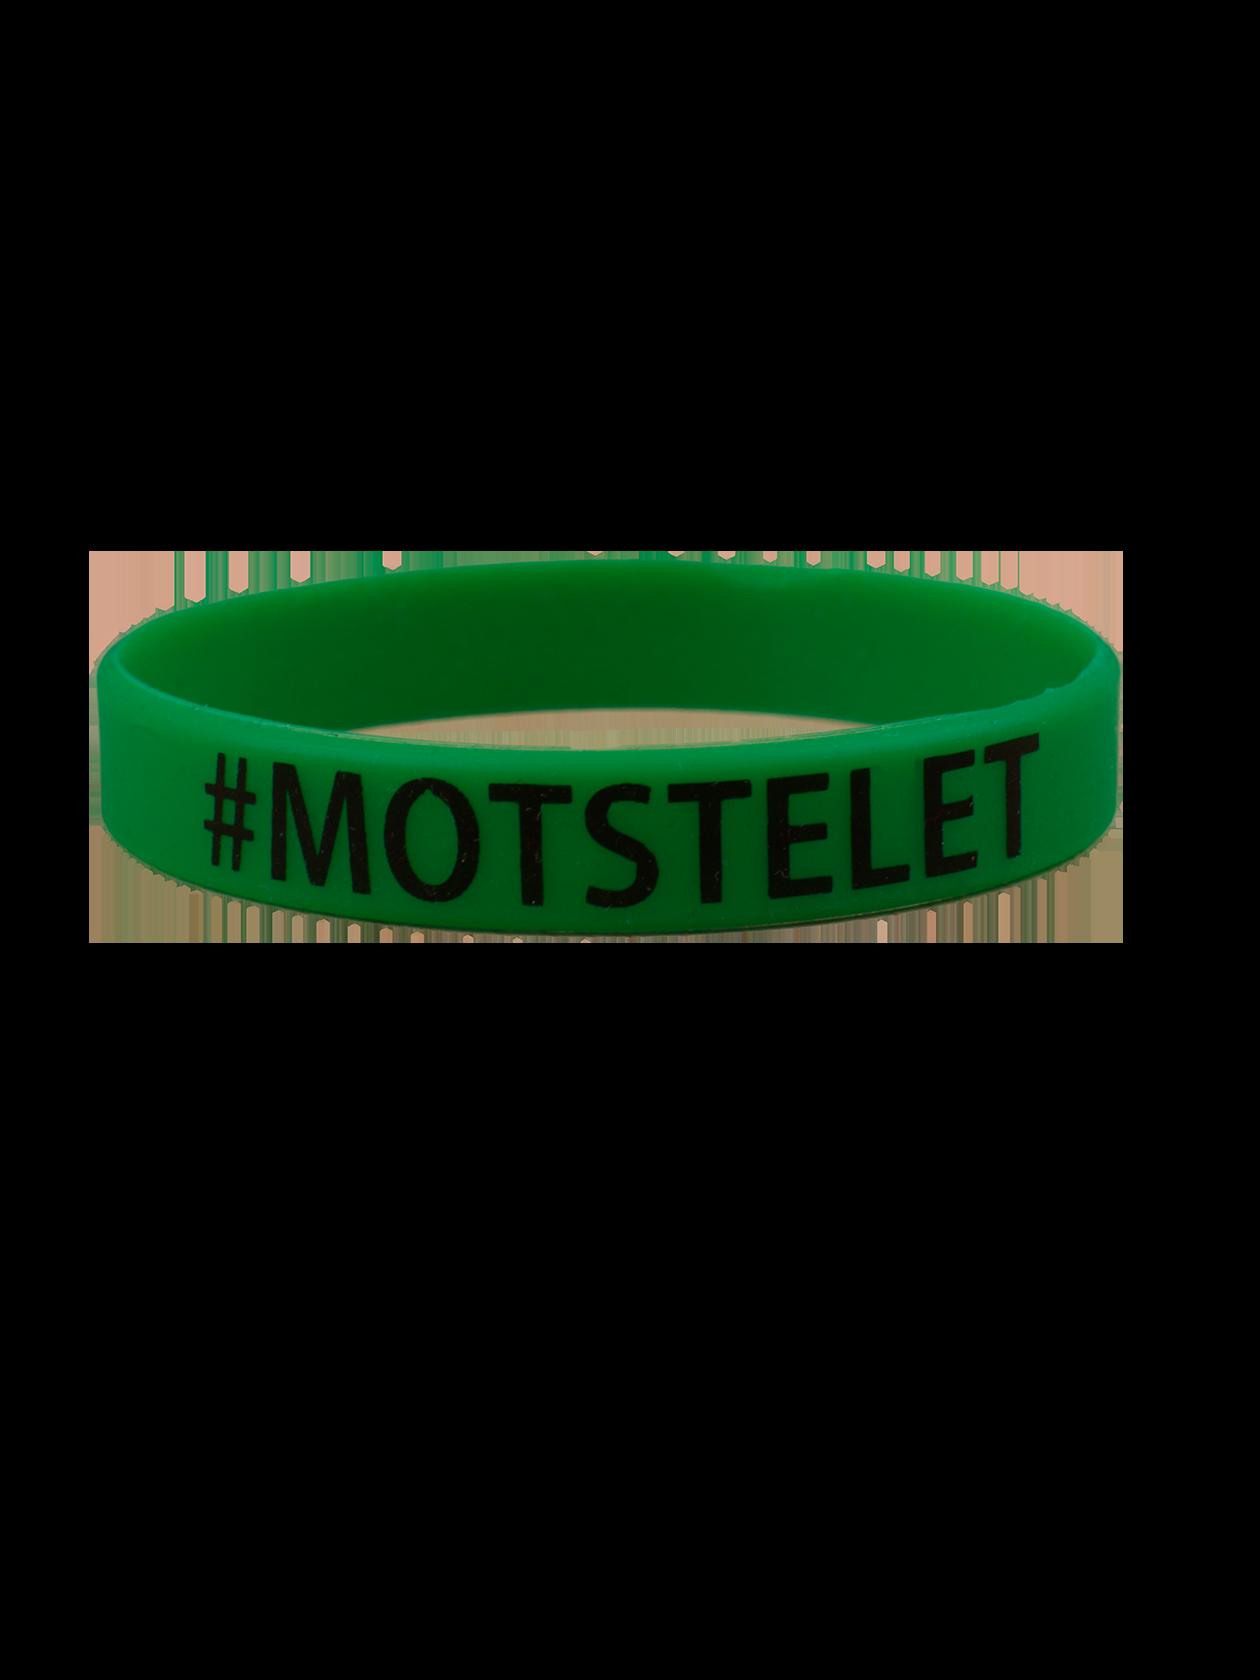 Браслет #MOT STELET, Green